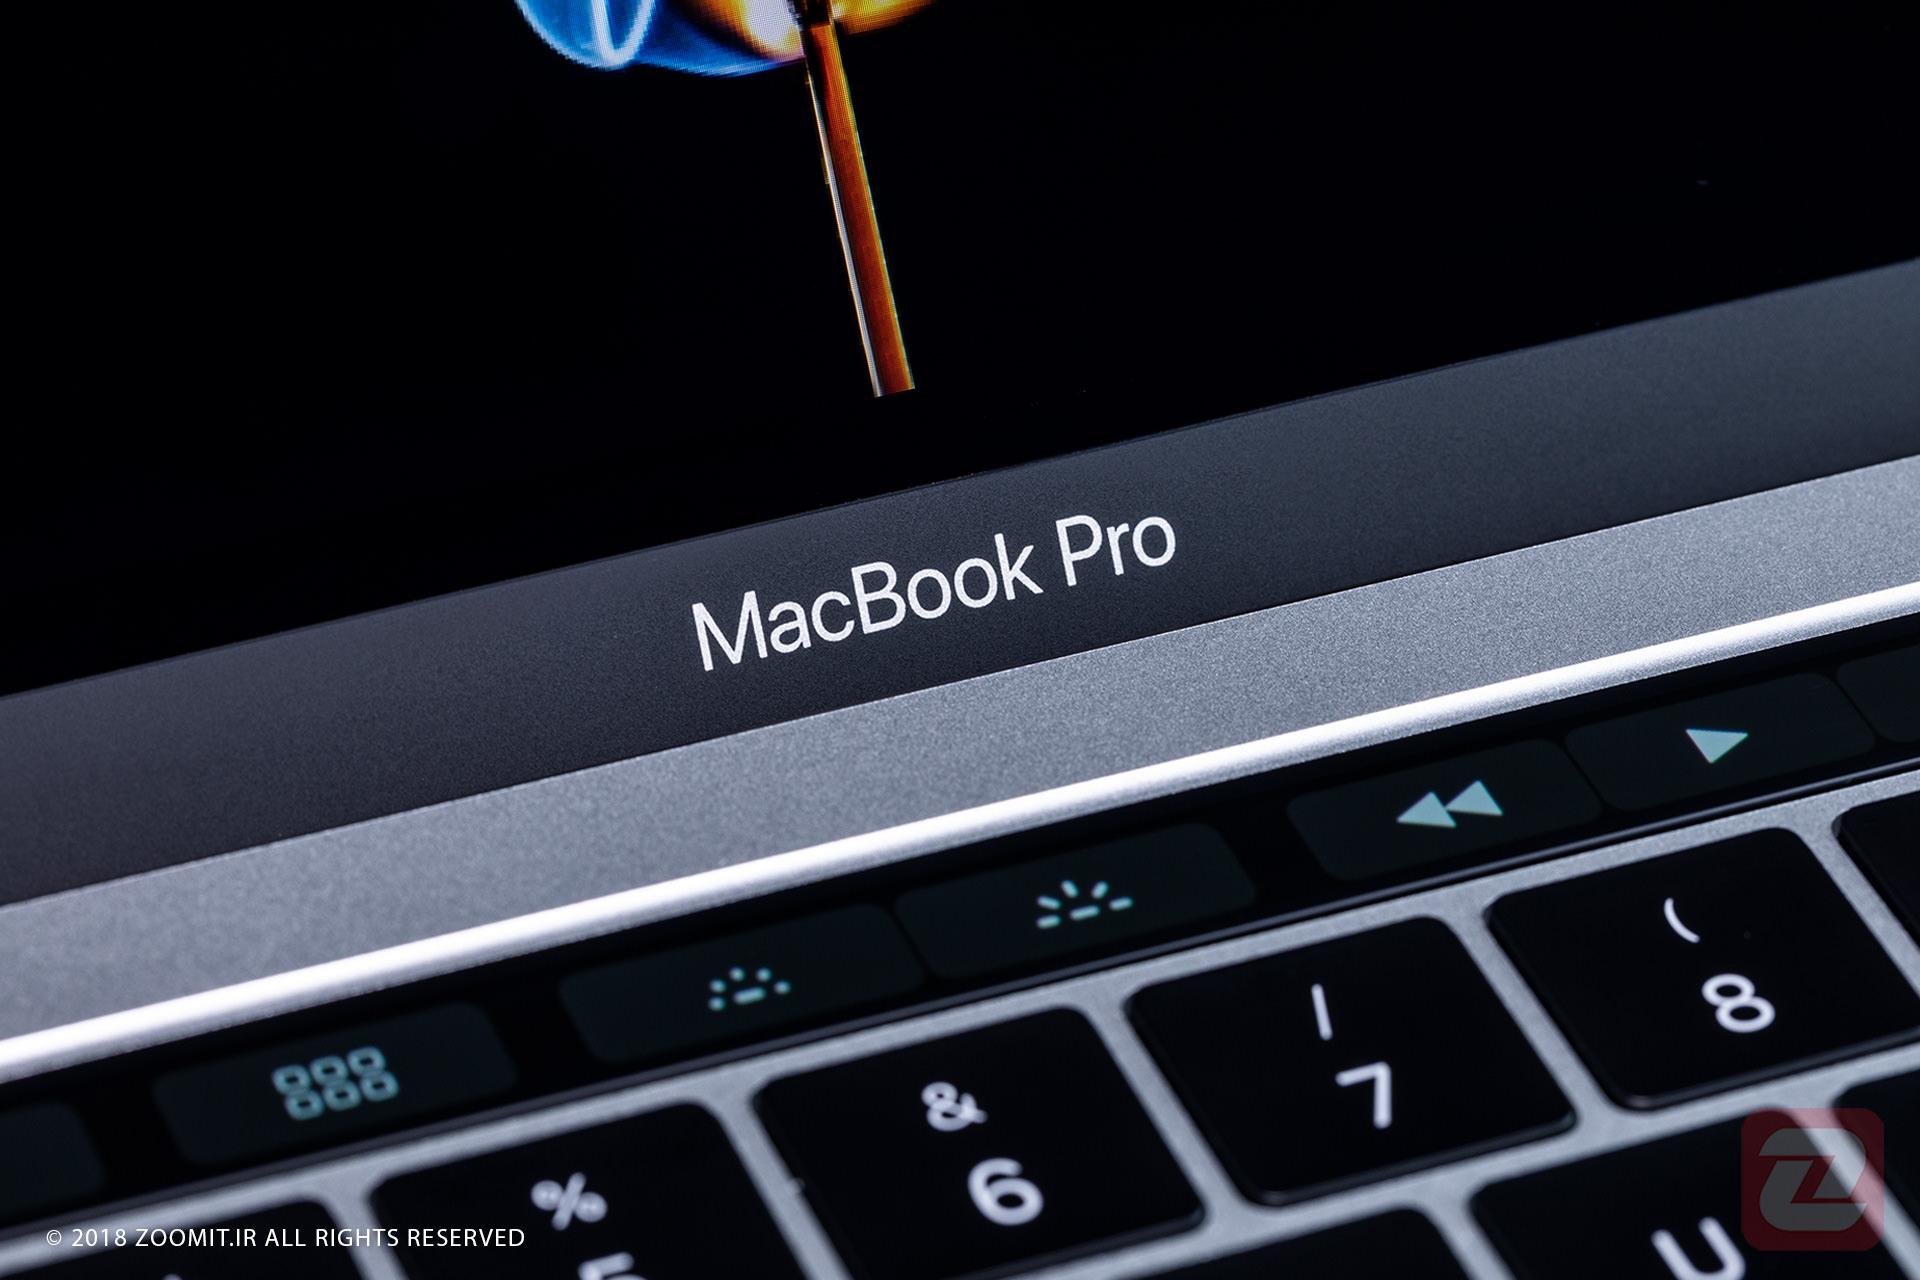 کامپیوترهای مک به بزرگترین چالش اپل تبدیل خواهند شد